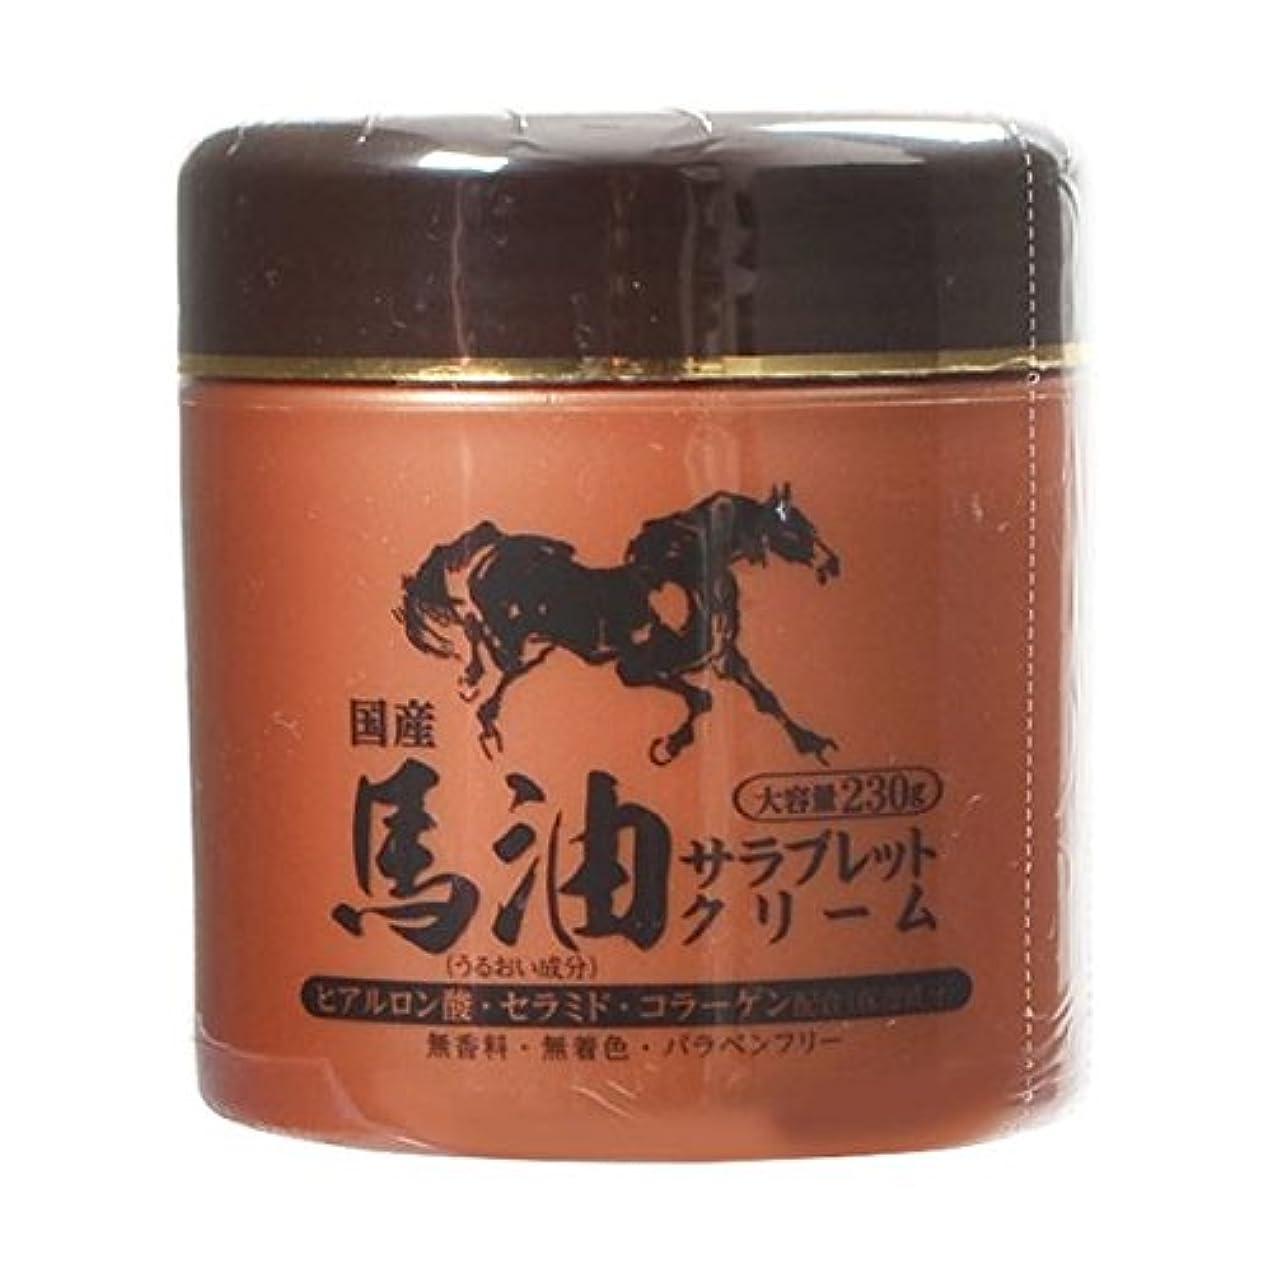 【お徳用 3 セット】 馬油サラブレッドクリーム ジャータイプ 230g×3セット